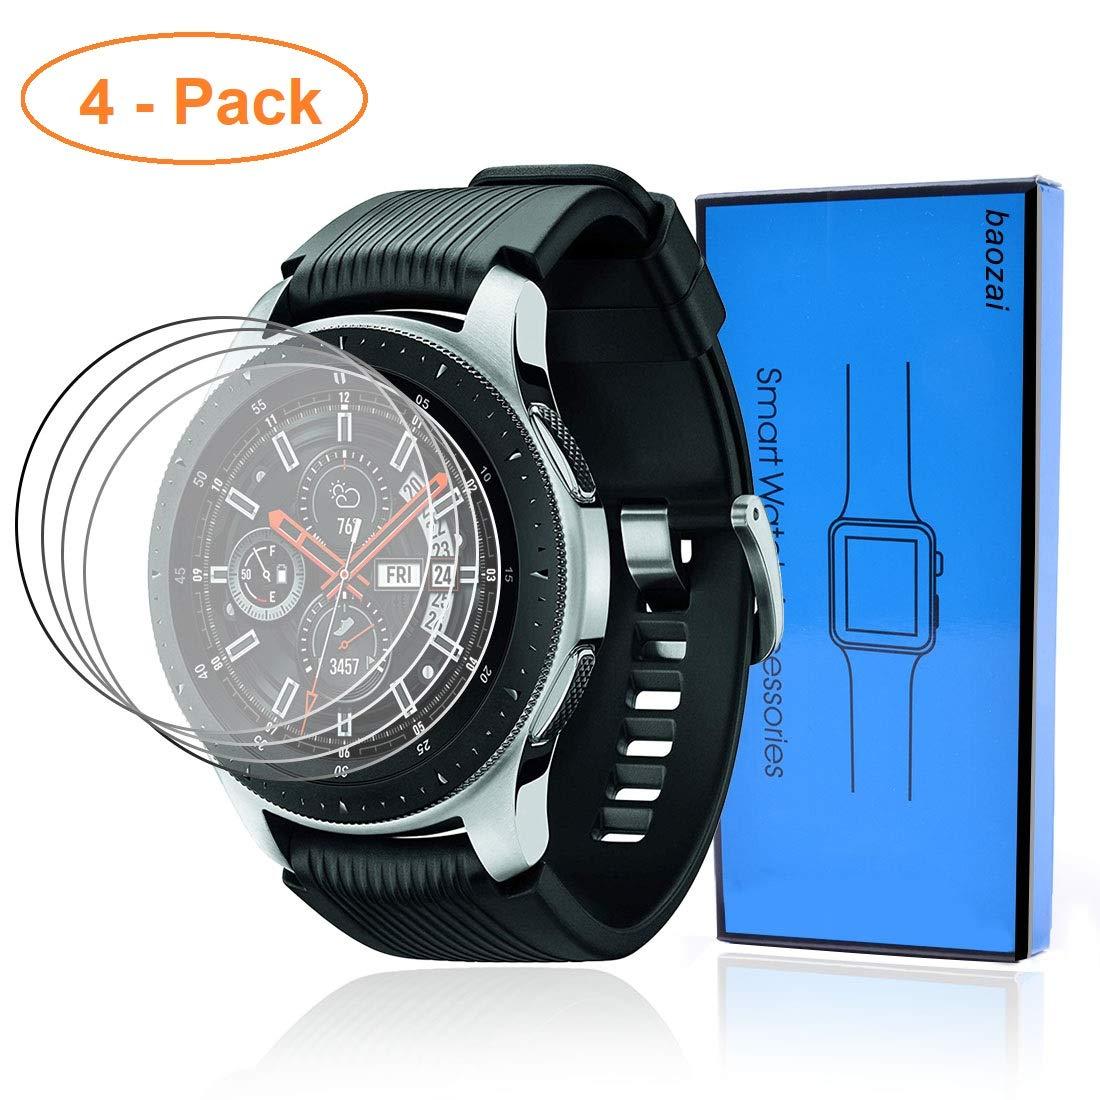 Vidrio Protector para Galaxy Watch 46mm x4 BAOZAI -7H4FQWFC